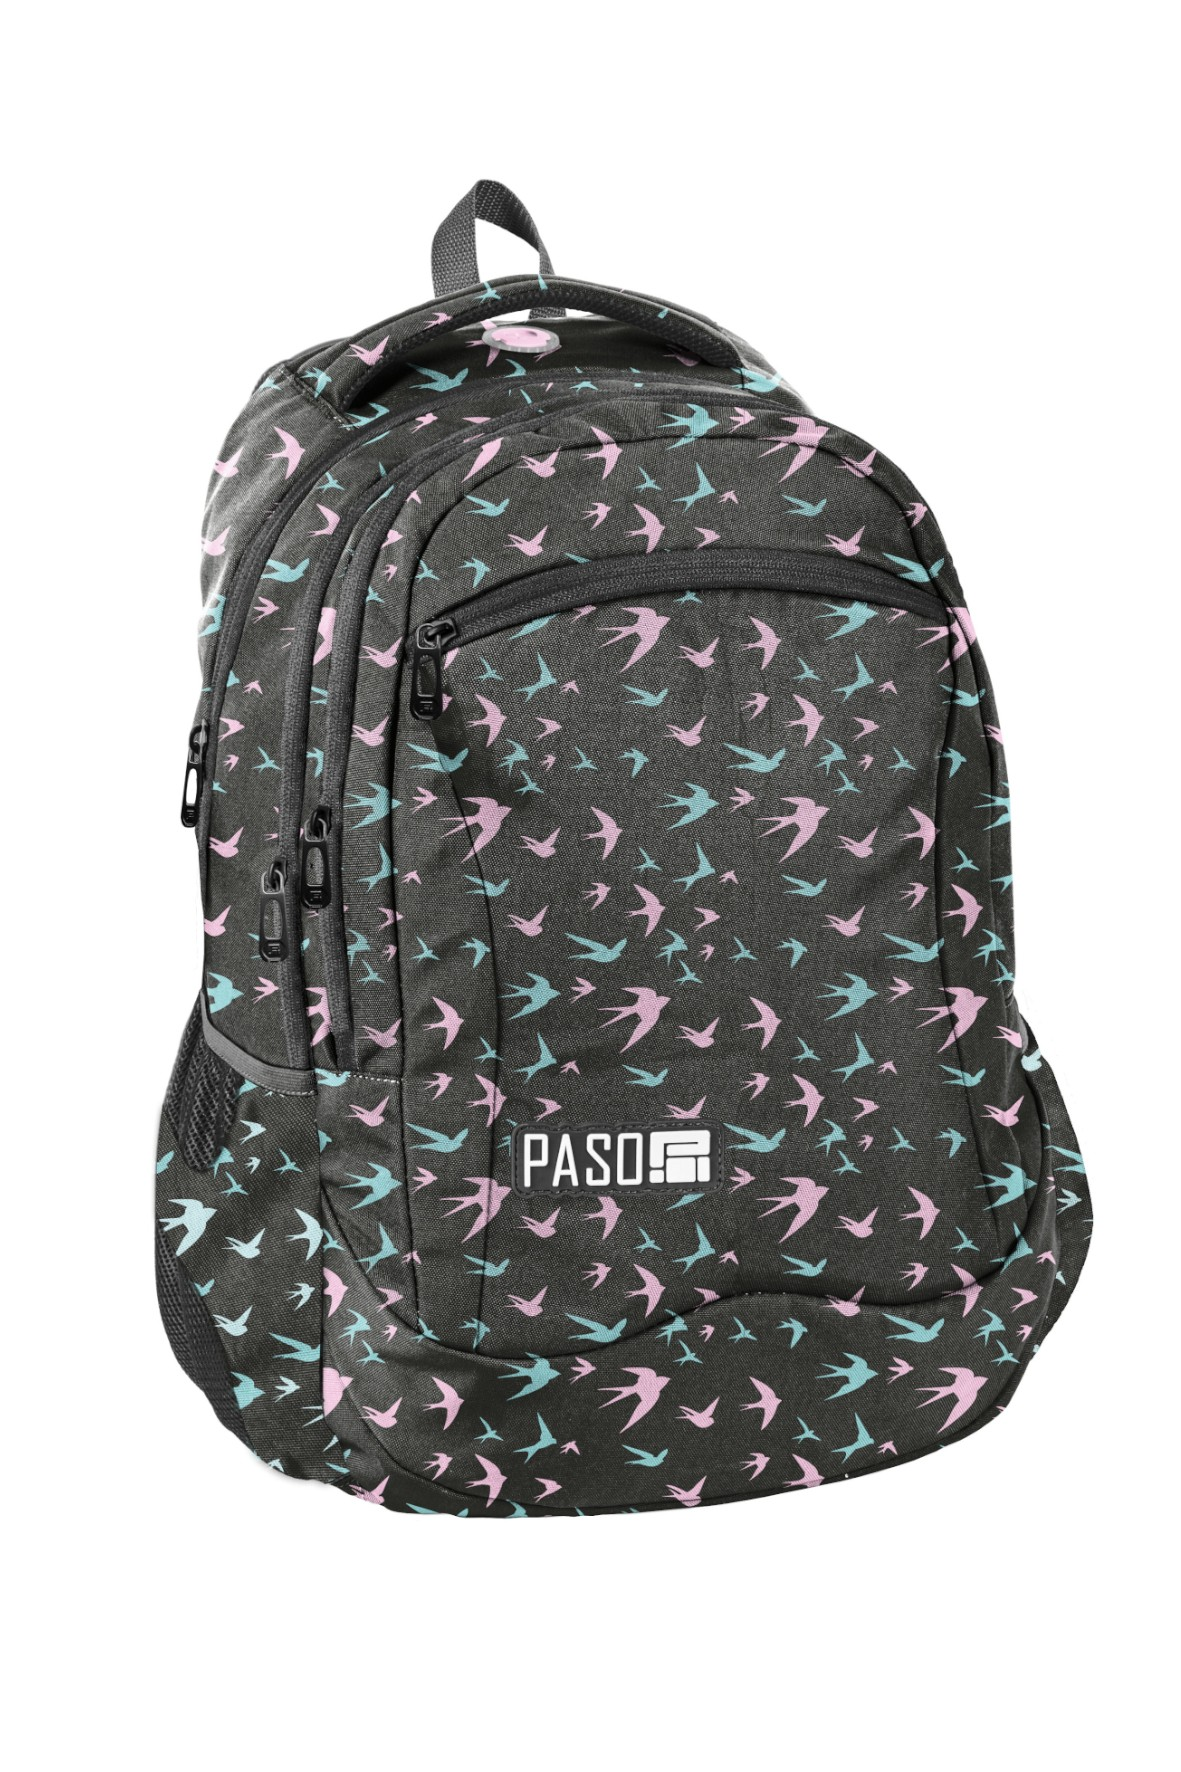 Plecak młodzieżowy PASO czarny